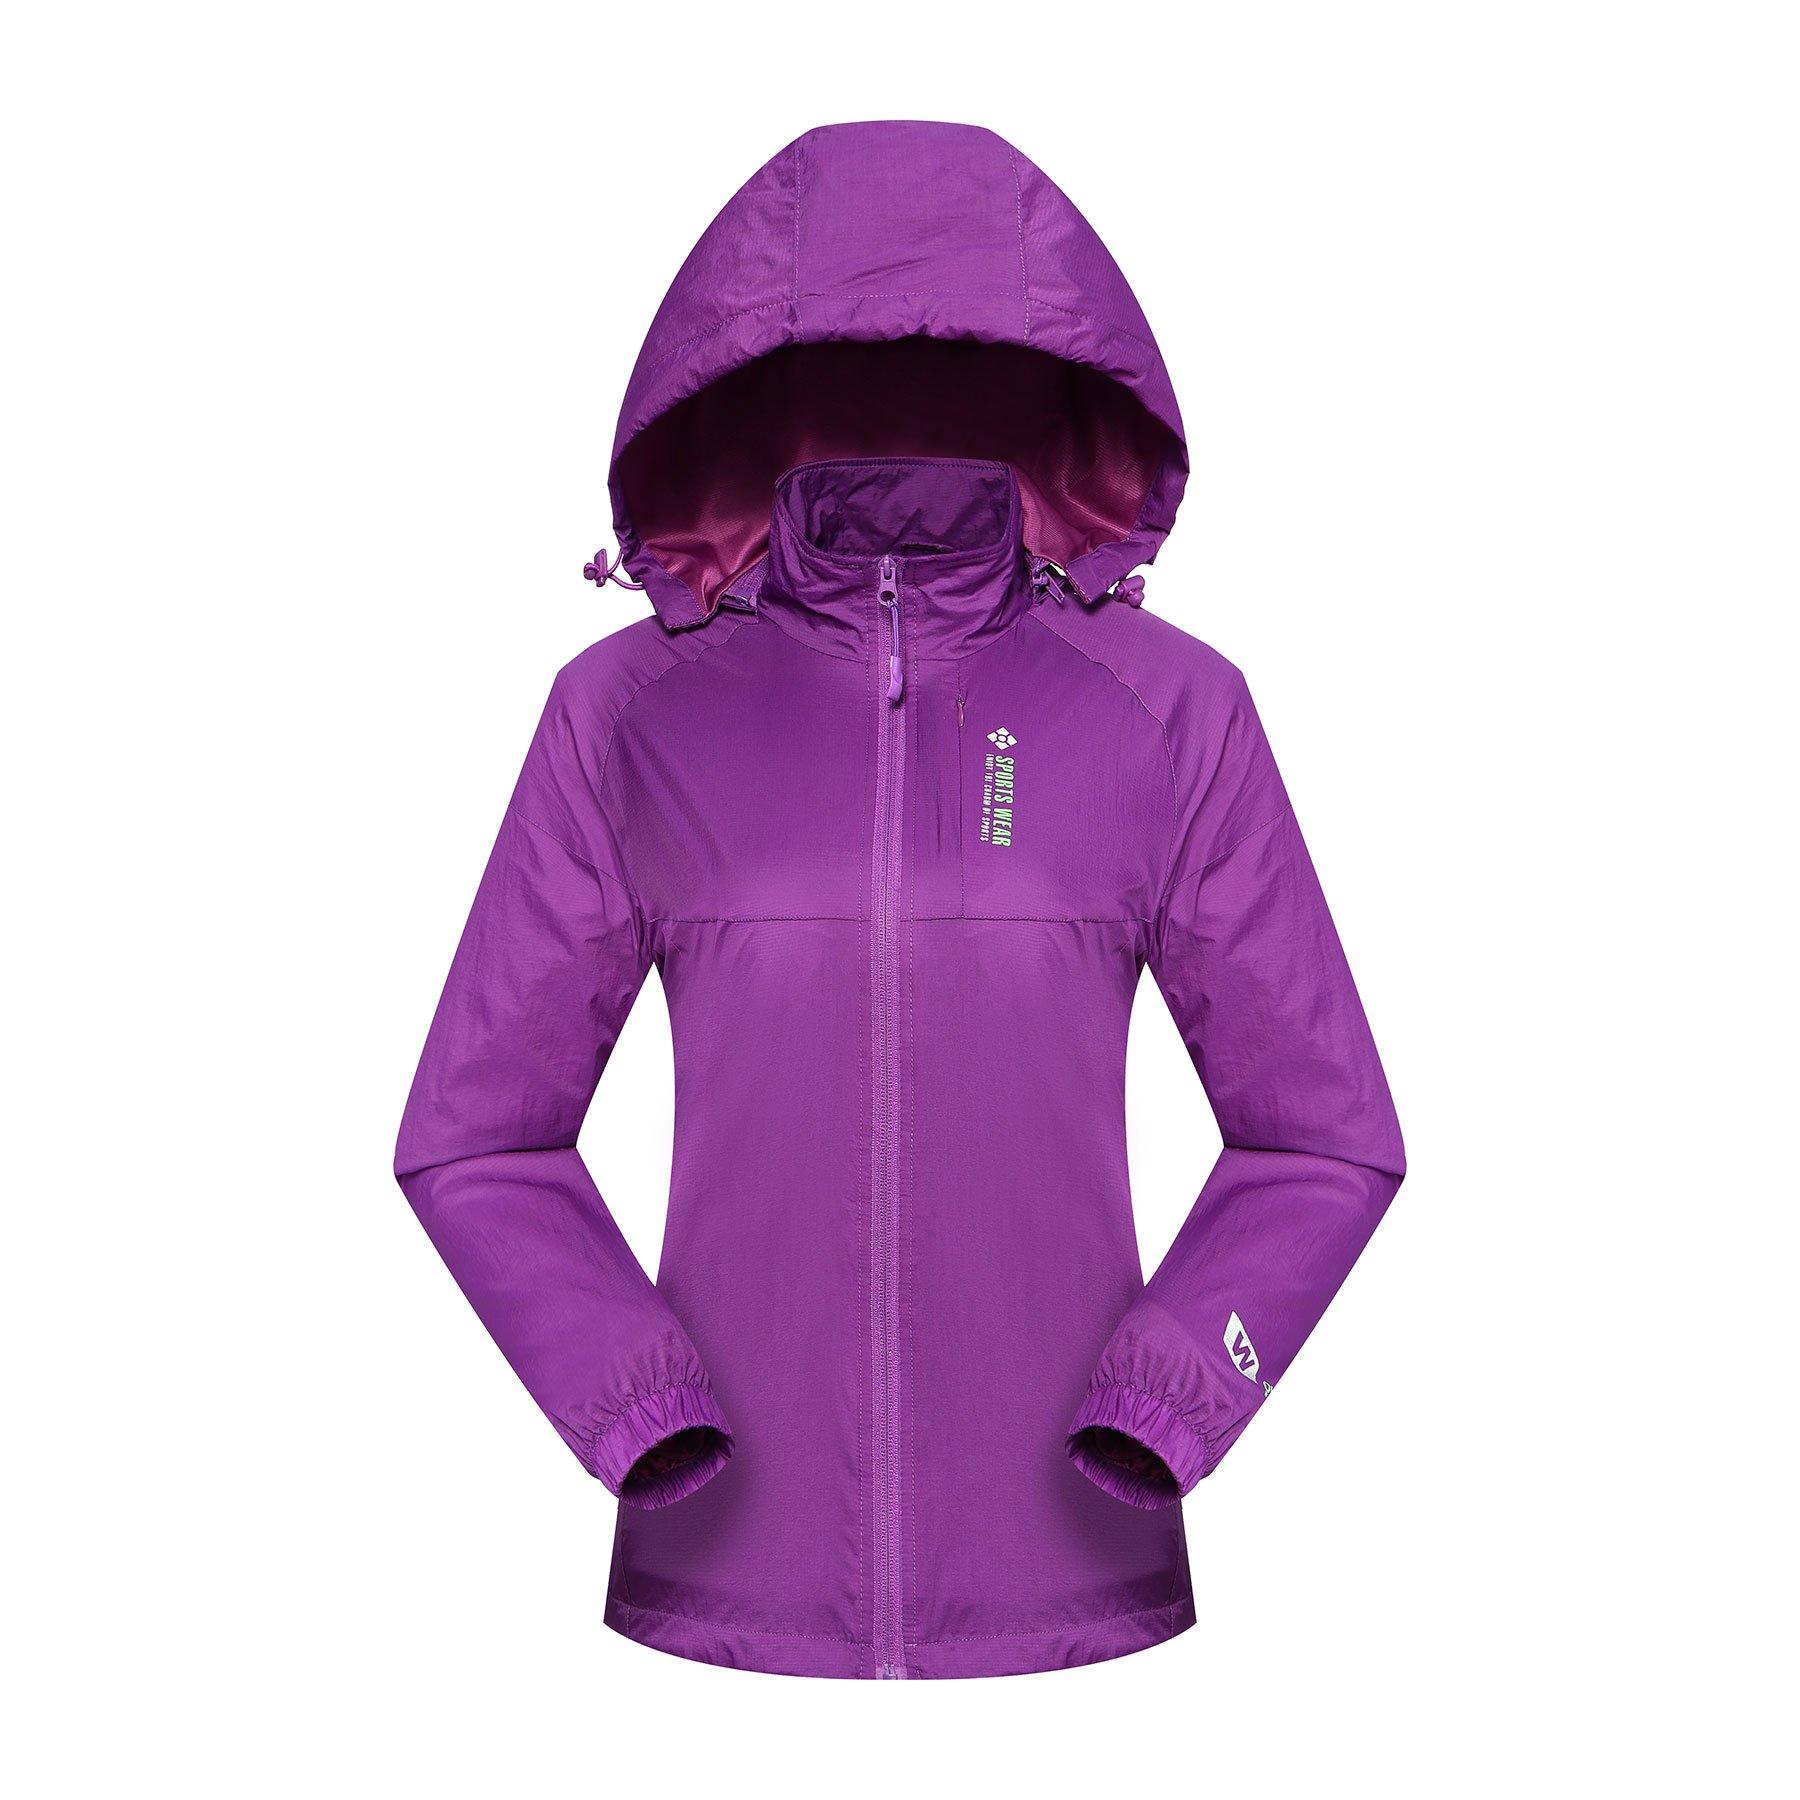 Diamond Candy Sportswear Women\'s Hooded Front-zipper Softshell Raincoat Waterproof Rain Jacket